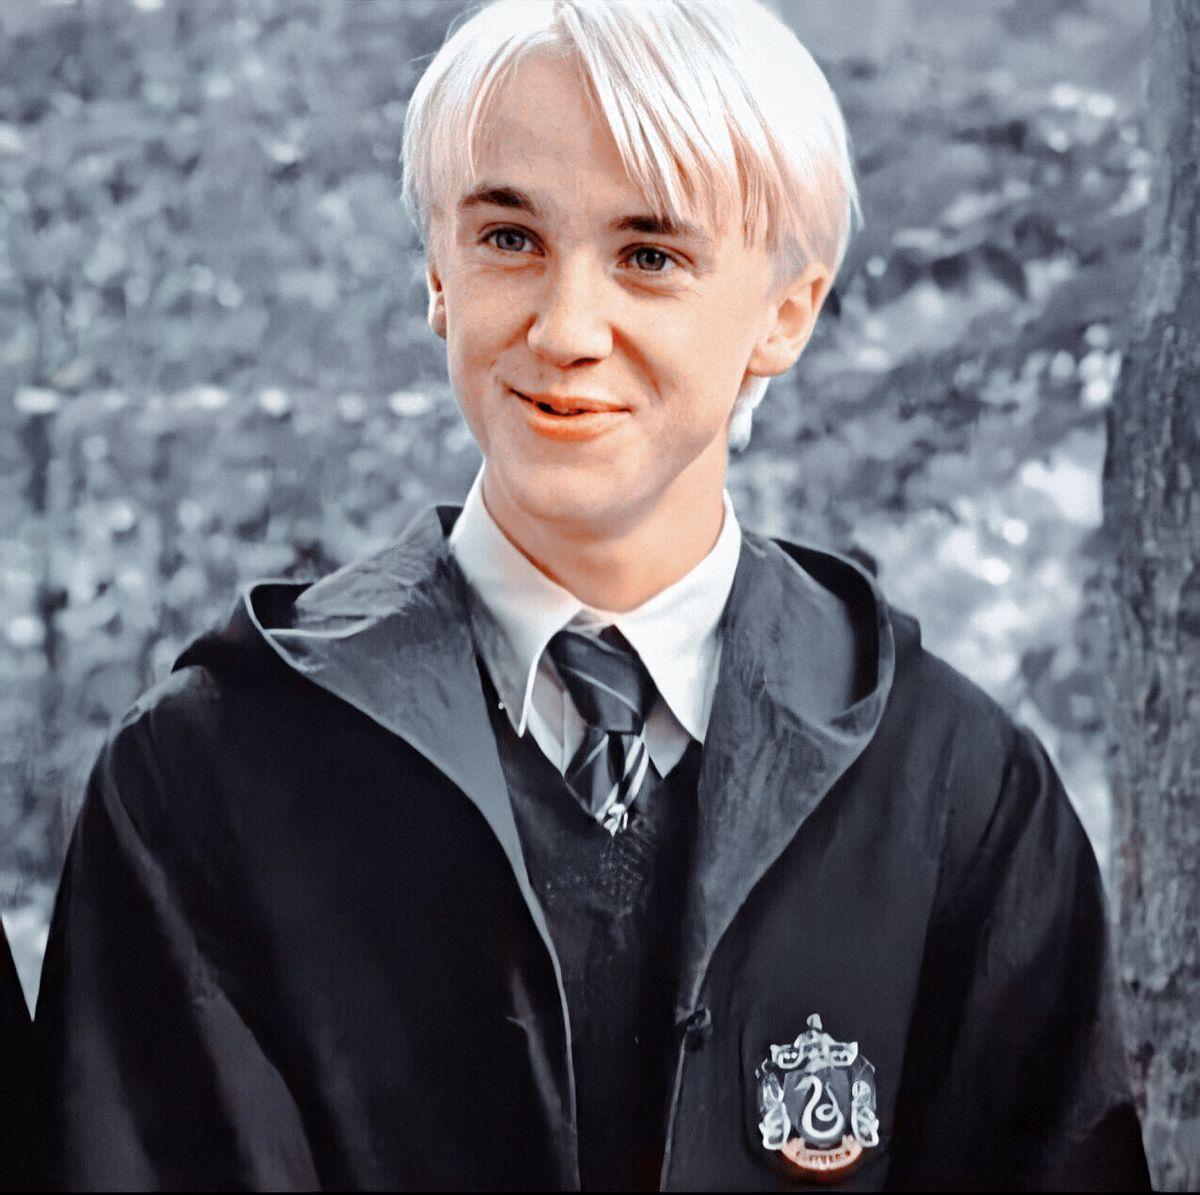 Draco Malfoy Hpmcurc Draco Malfoy Draco Malfoy Hot Harry Potter Draco Malfoy